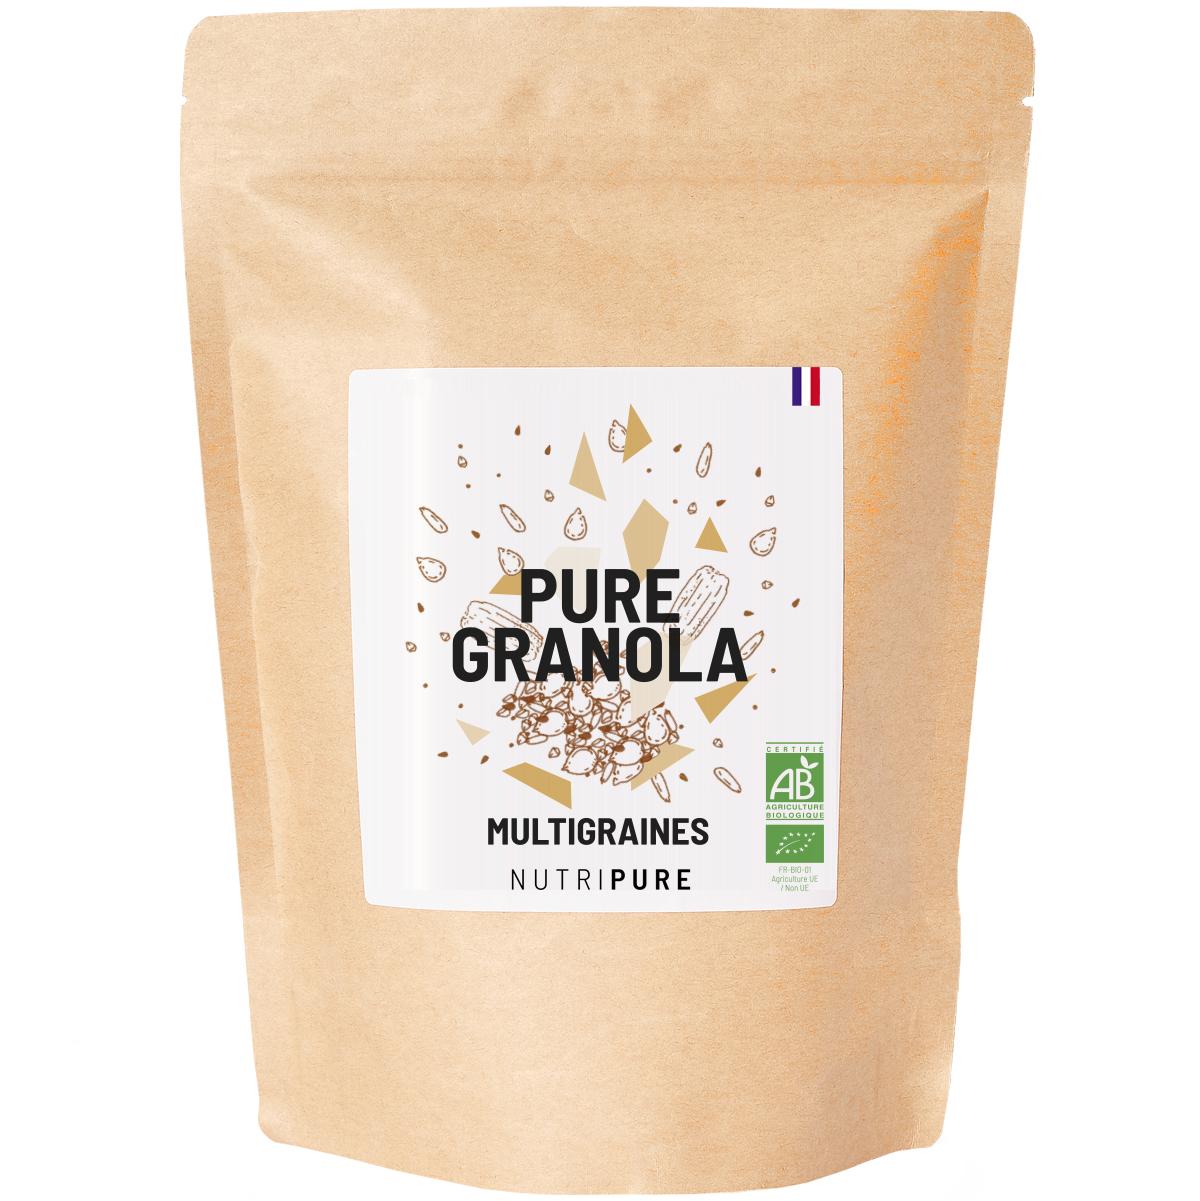 Pure Granola protéiné